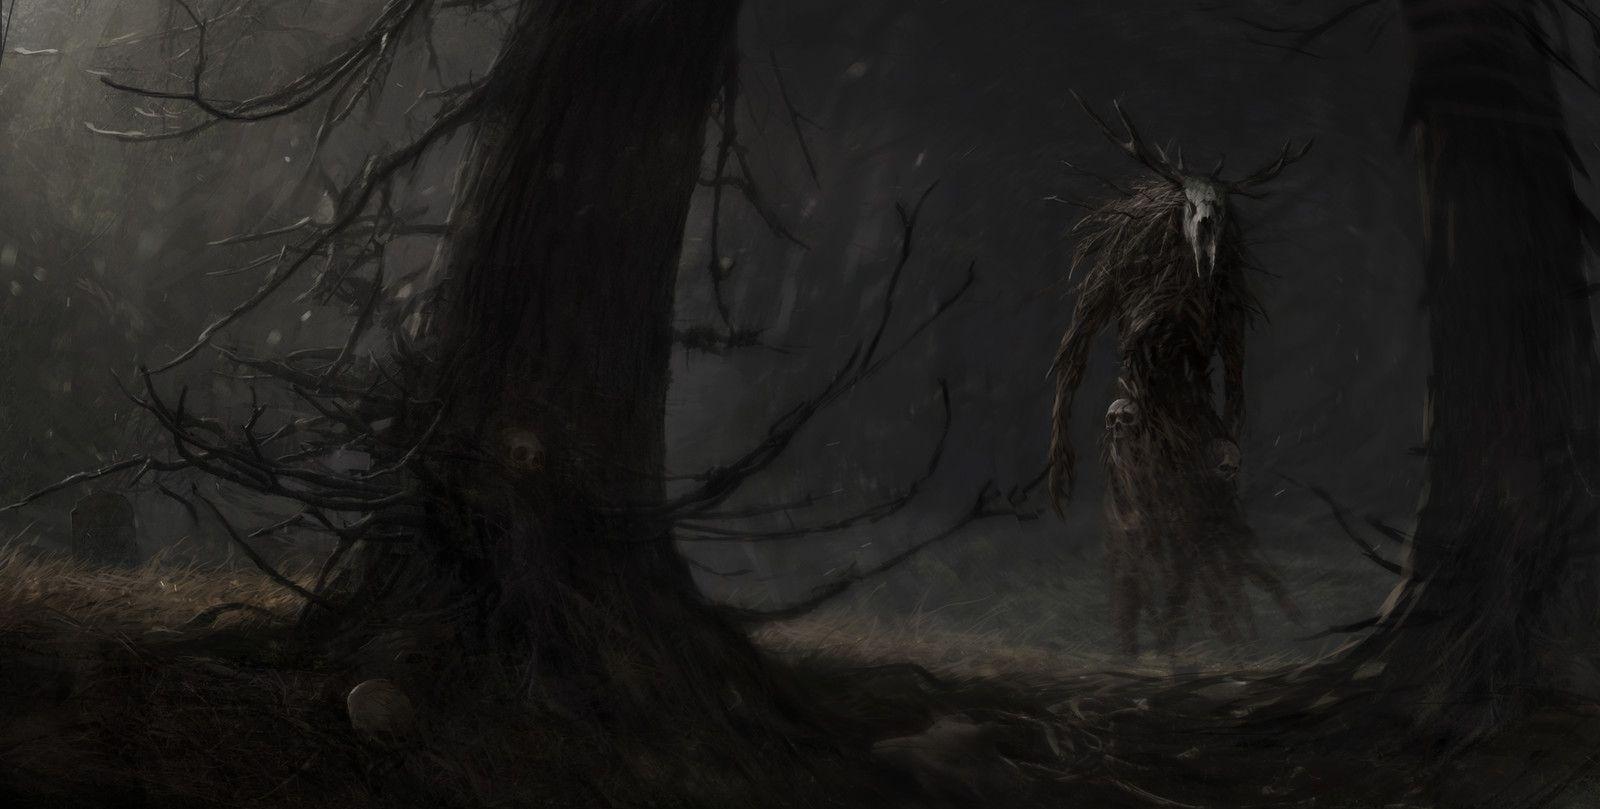 deep forest, Artem Demura on ArtStation at https://www.artstation.com/artwork/PEZB4